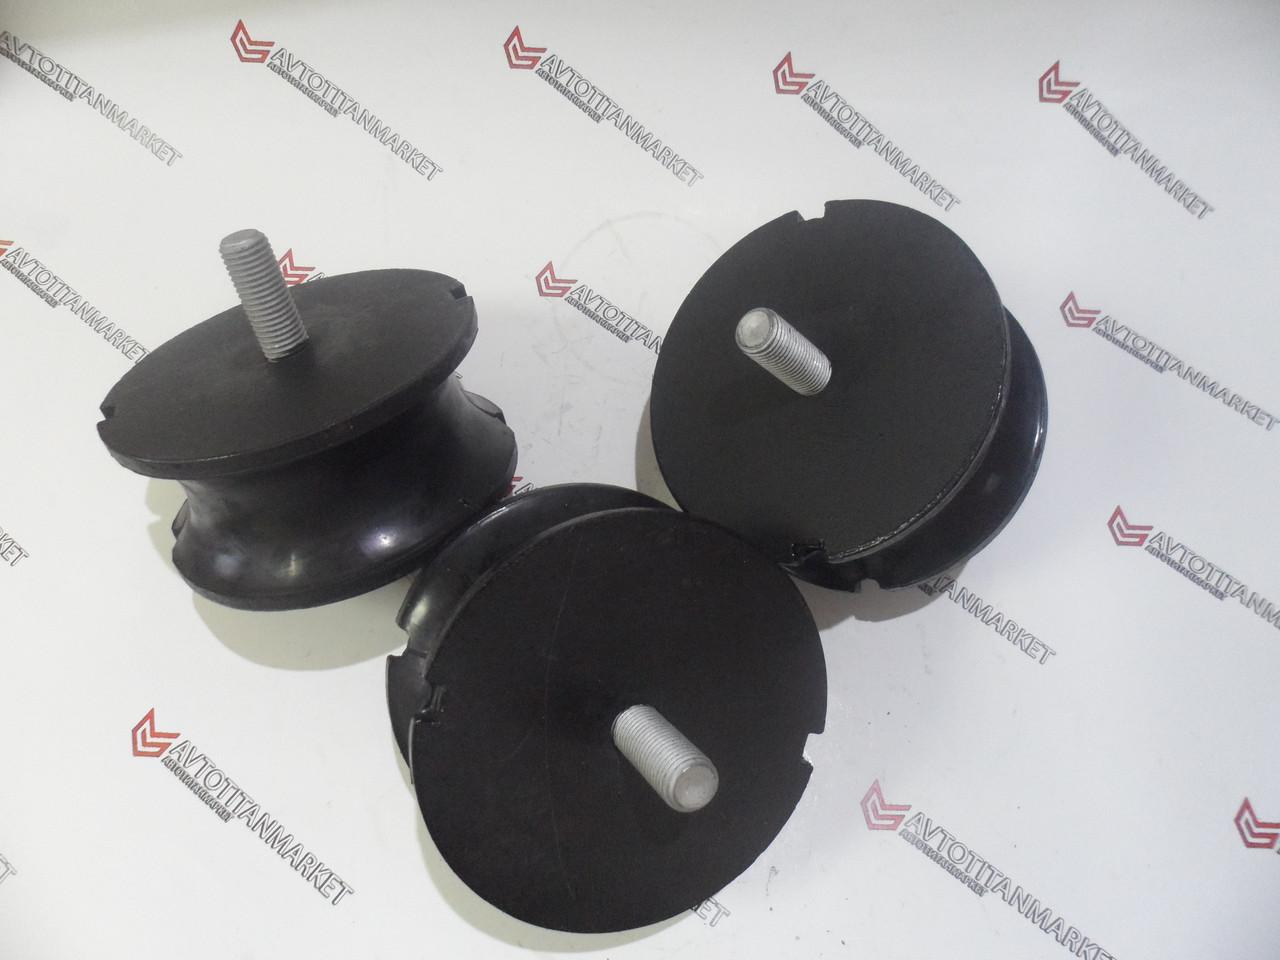 Амортизатор (подушка) вальца катка Bomag  BW141, BW151, BW161, BW180 06119395, 06119394, 06119393, 06119397